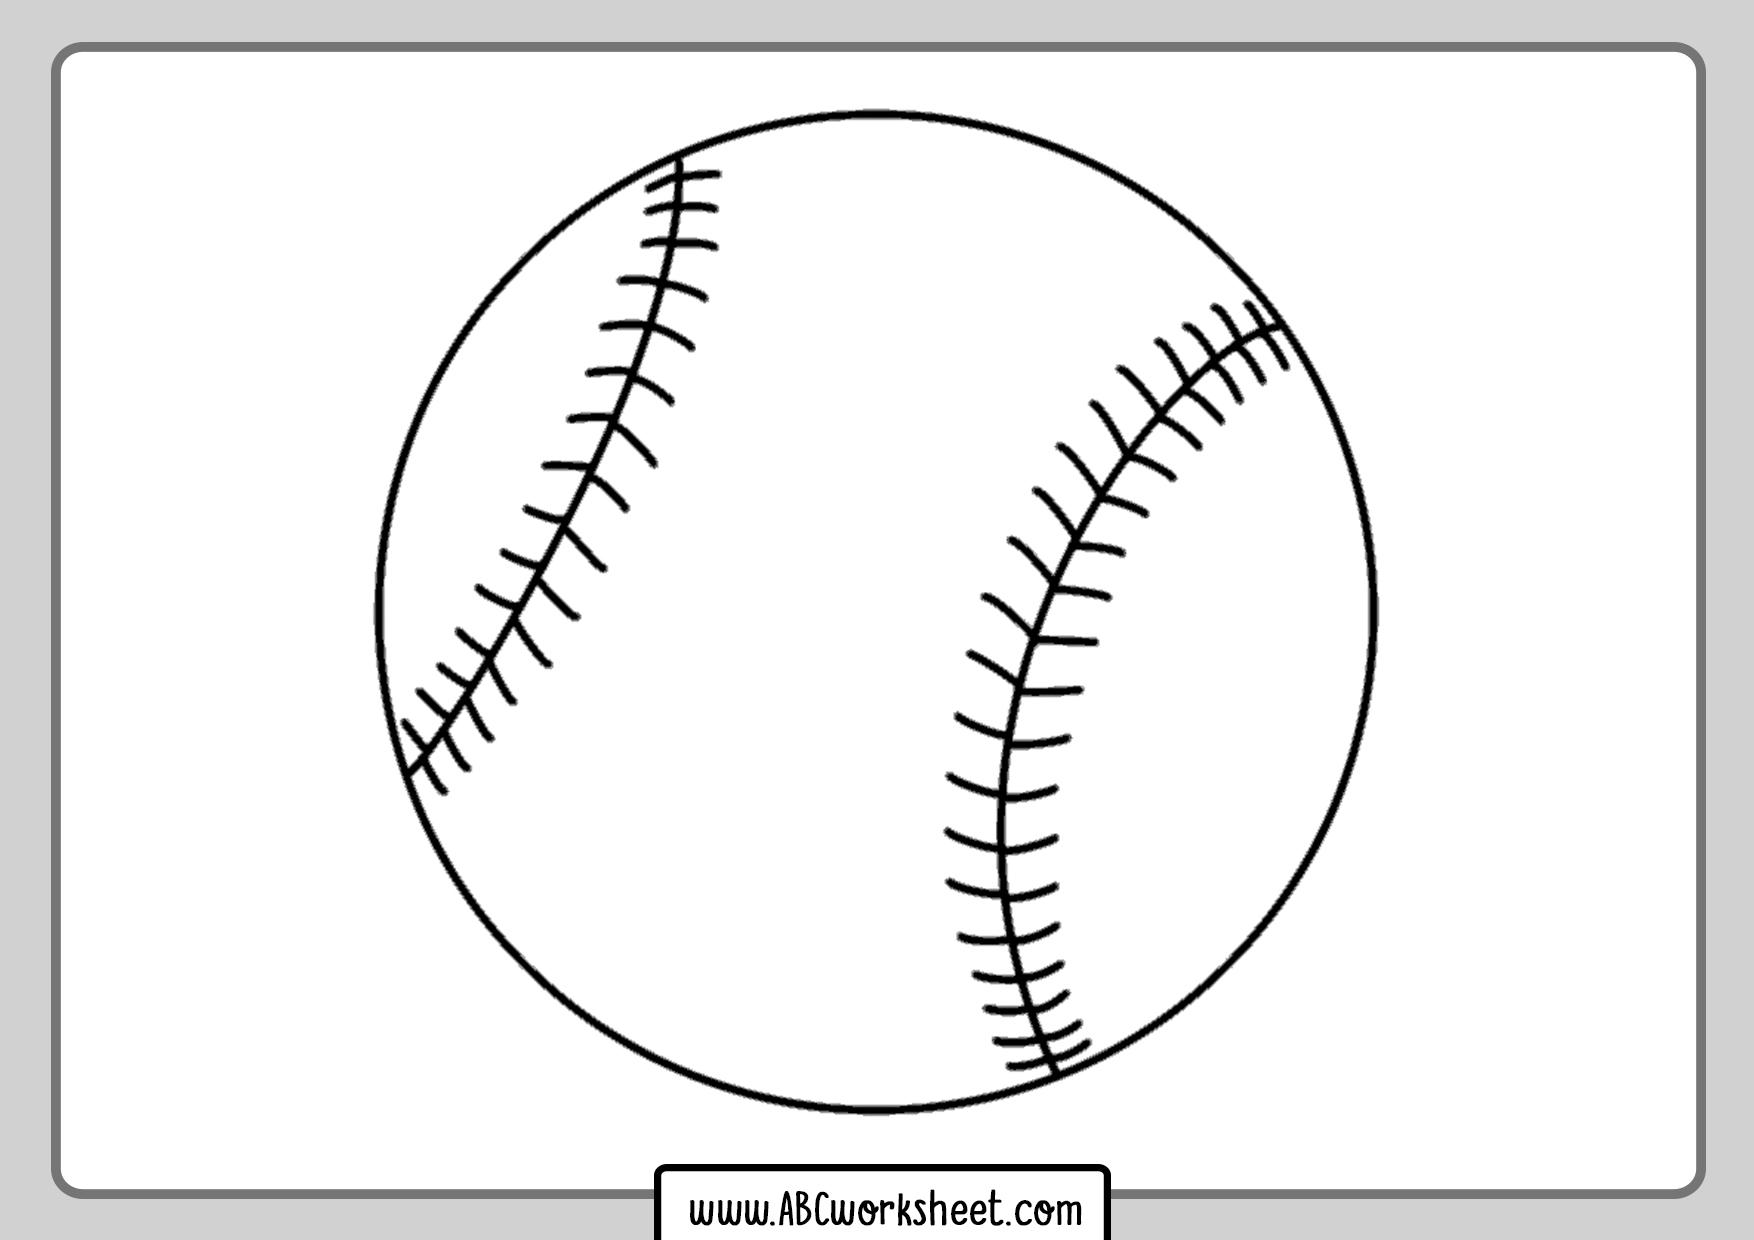 Baseball Ball For Coloring